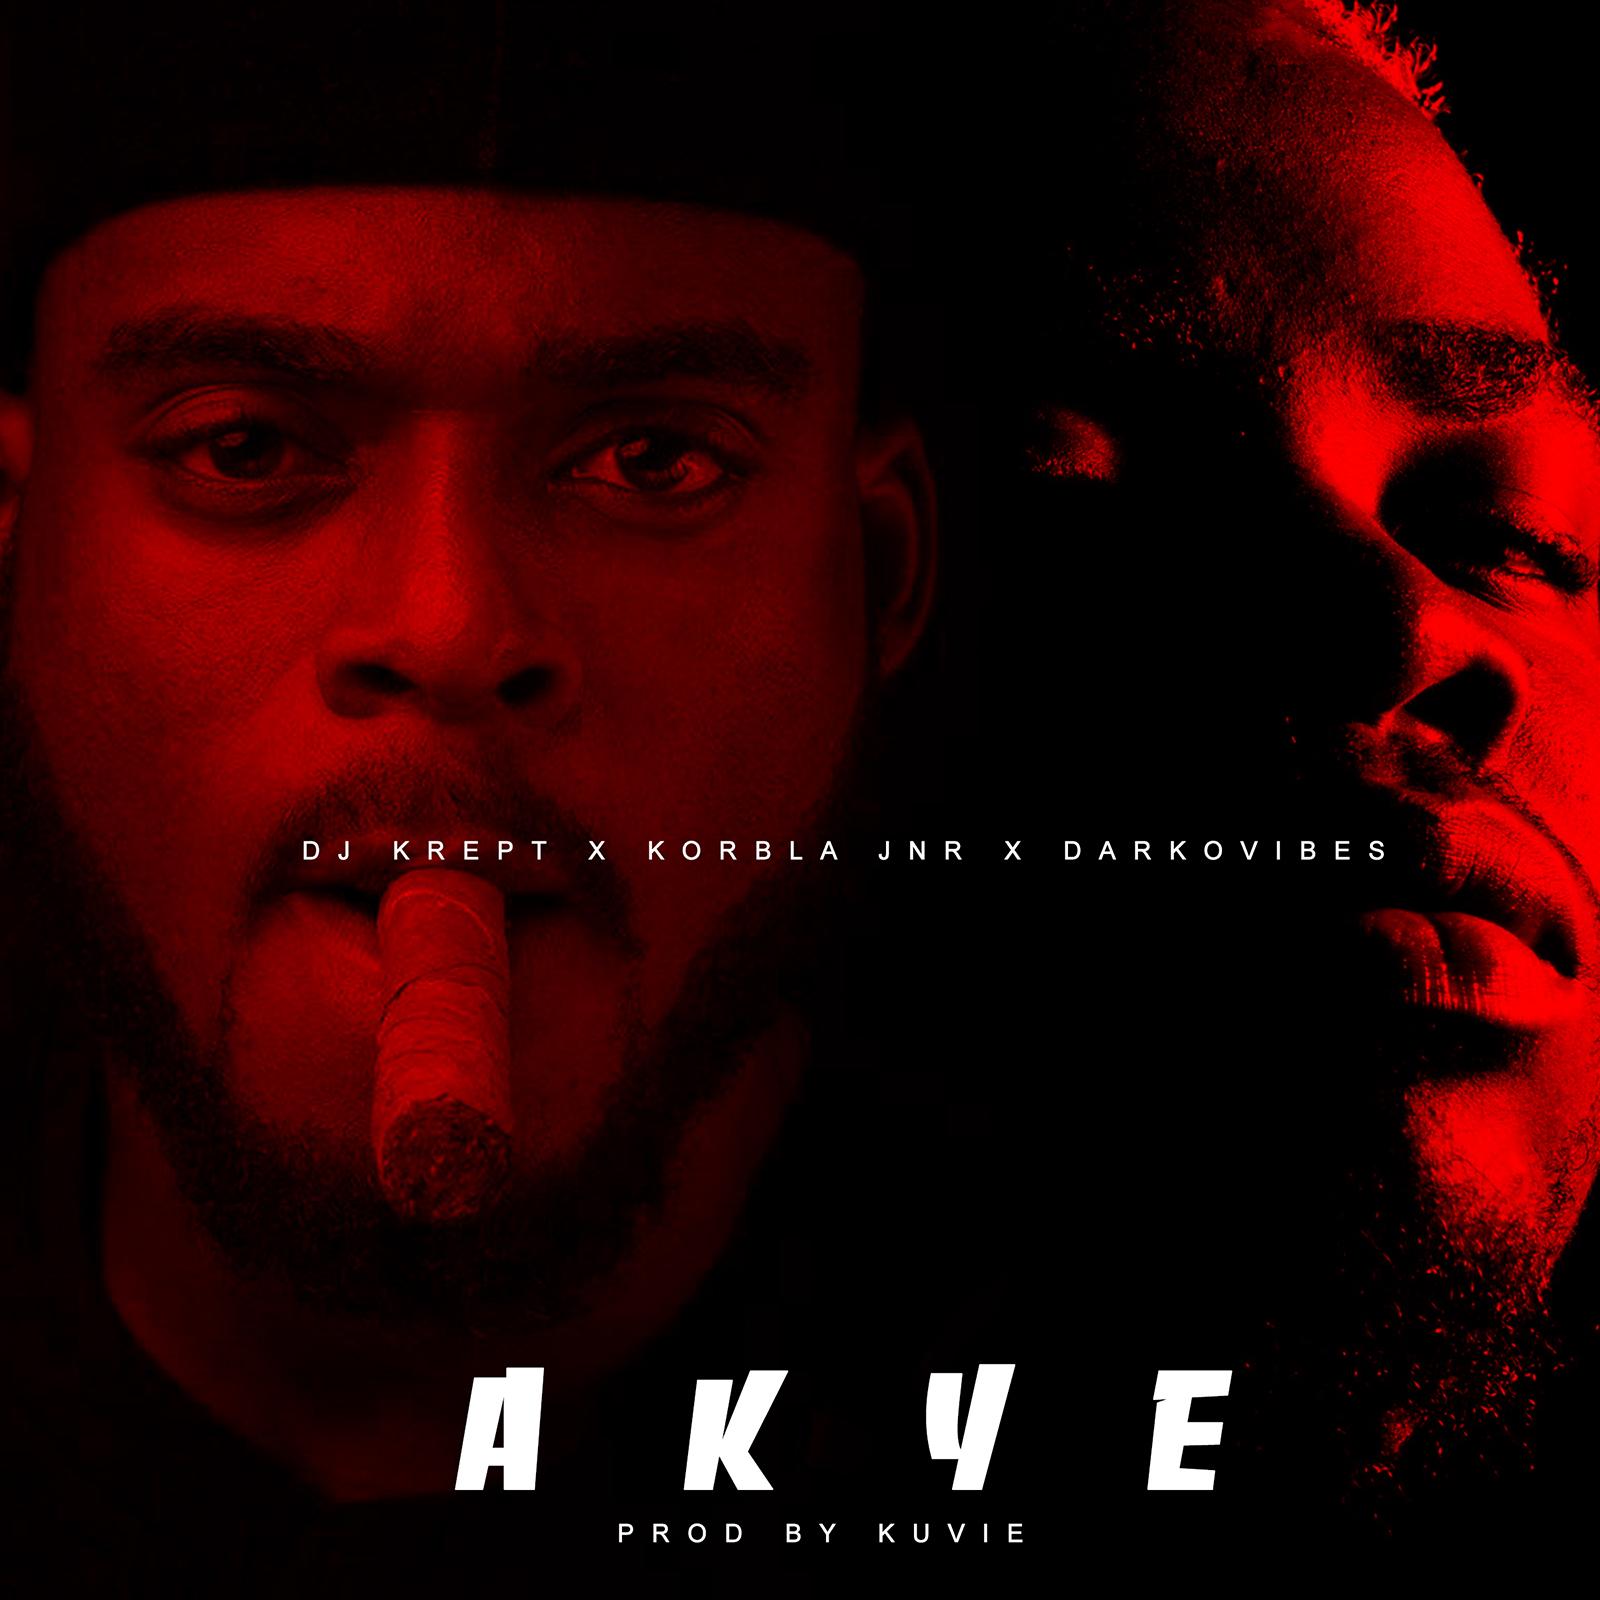 Akye by DJ Krept feat. Kobla Jnr & Darkovibes